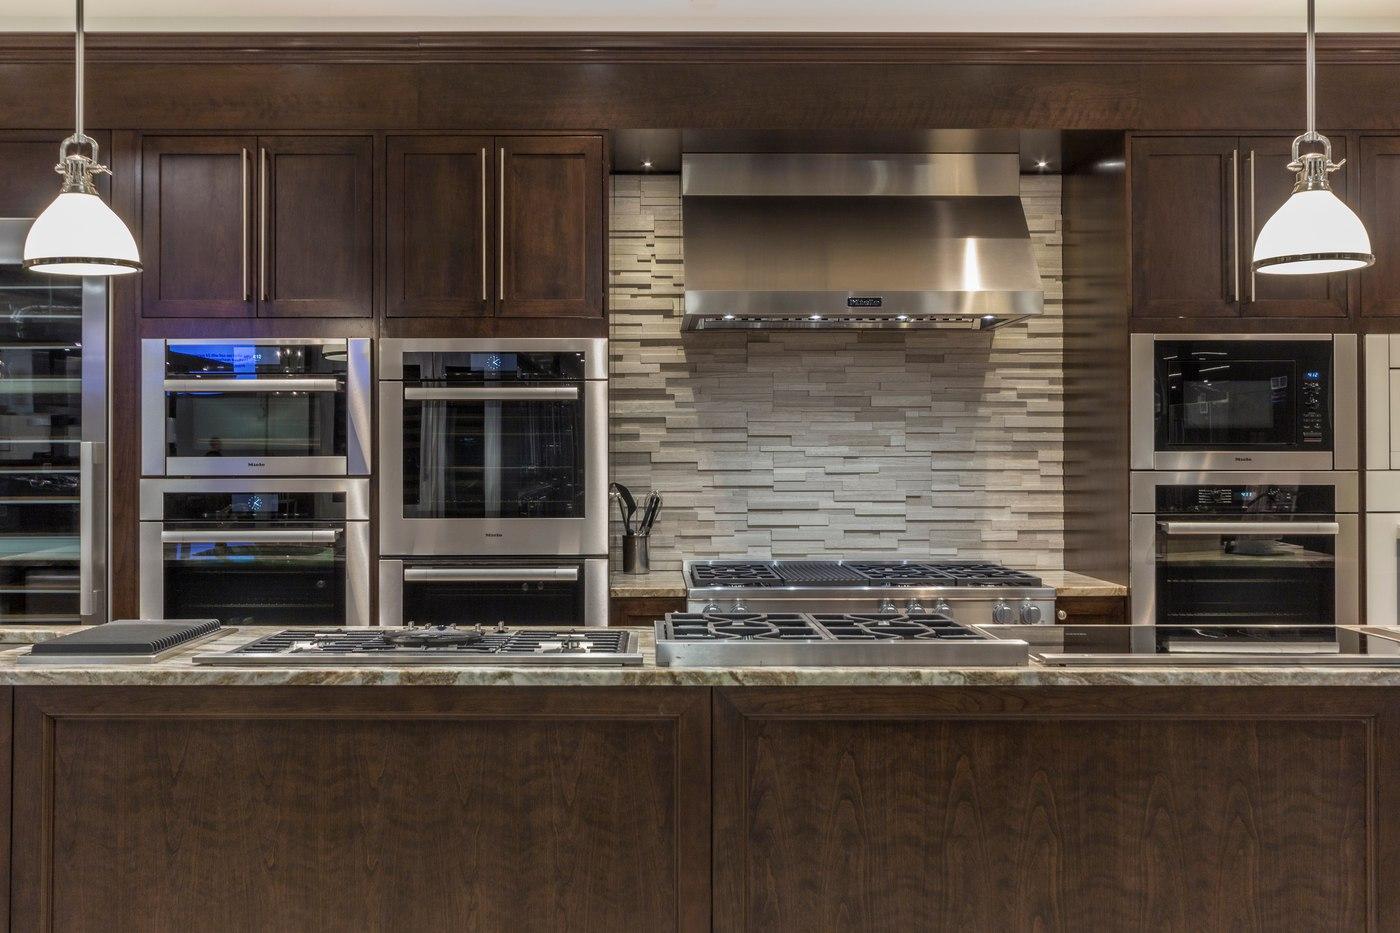 Best Luxury Appliance Brands Miele